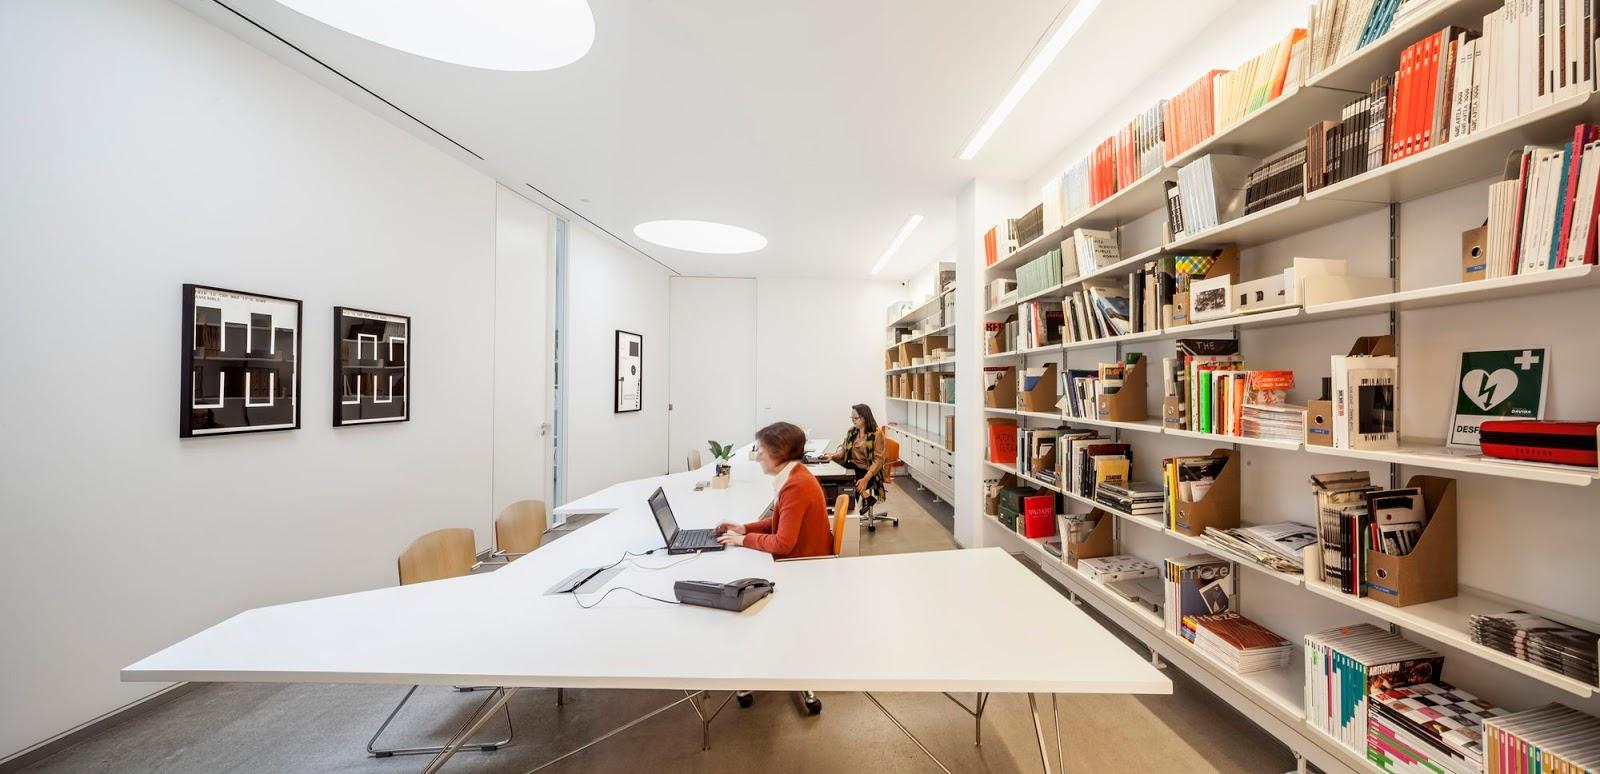 A f a s i a estudio herreros - Estudios arquitectura bilbao ...